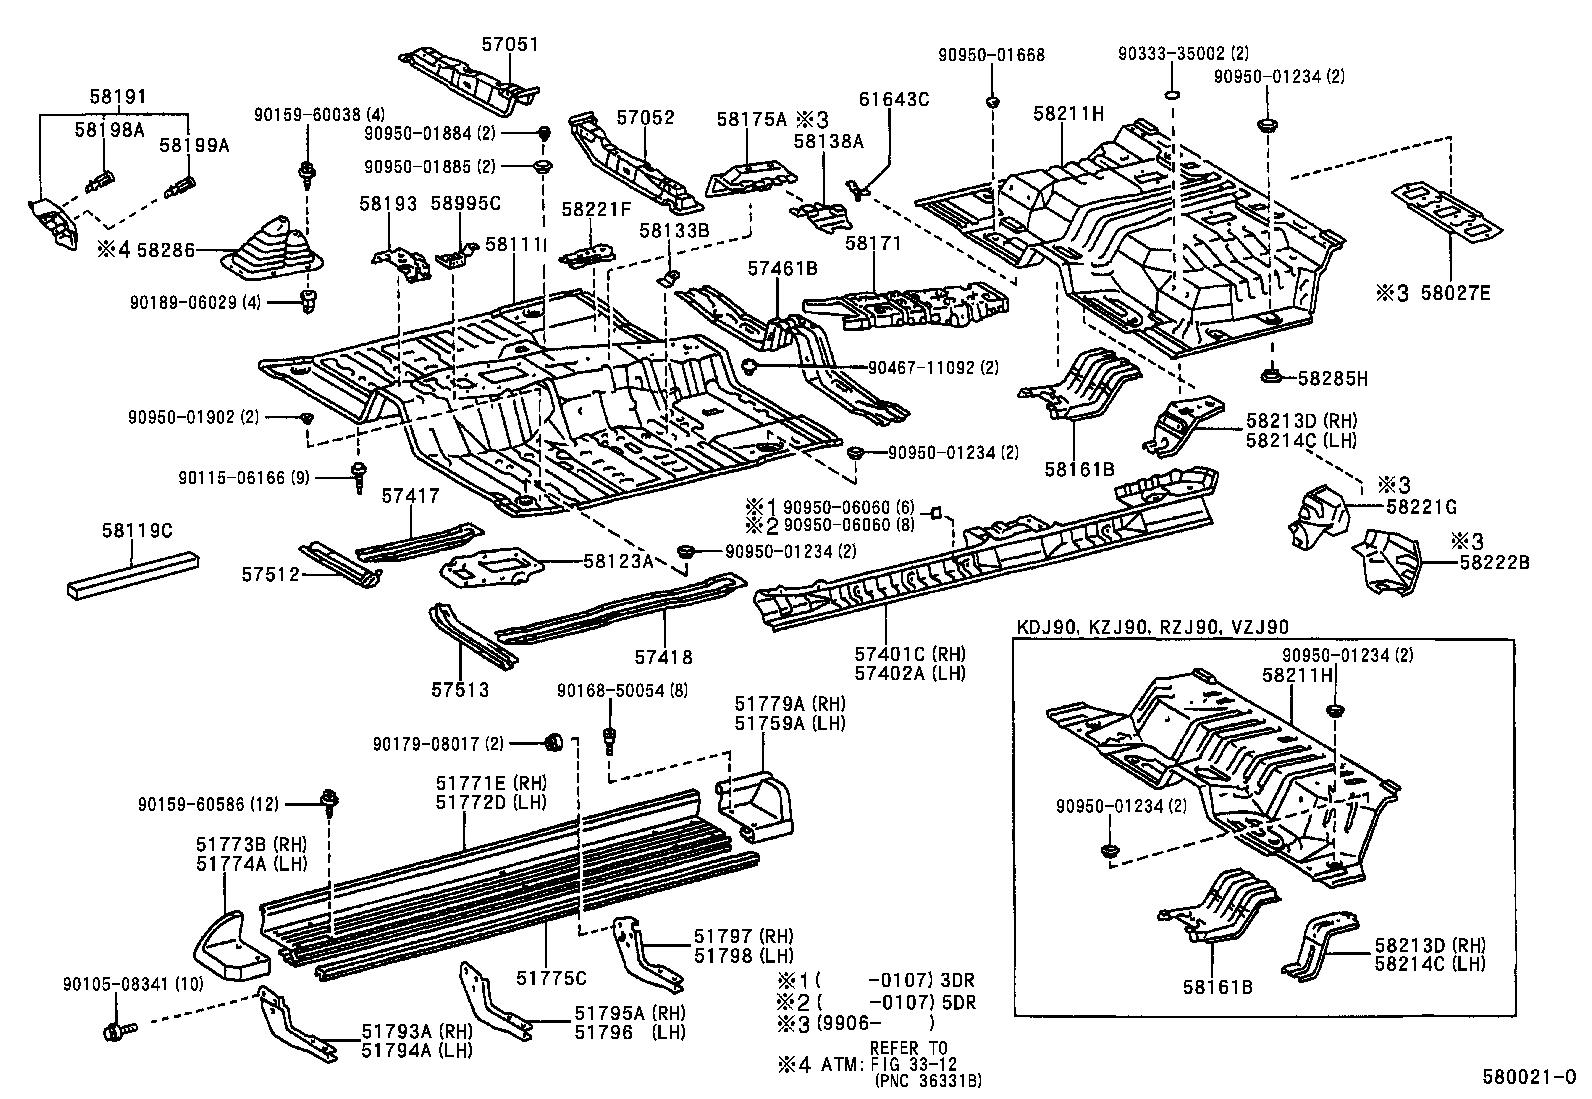 toyota land cruiser pradovzj95w-gkpgk - body